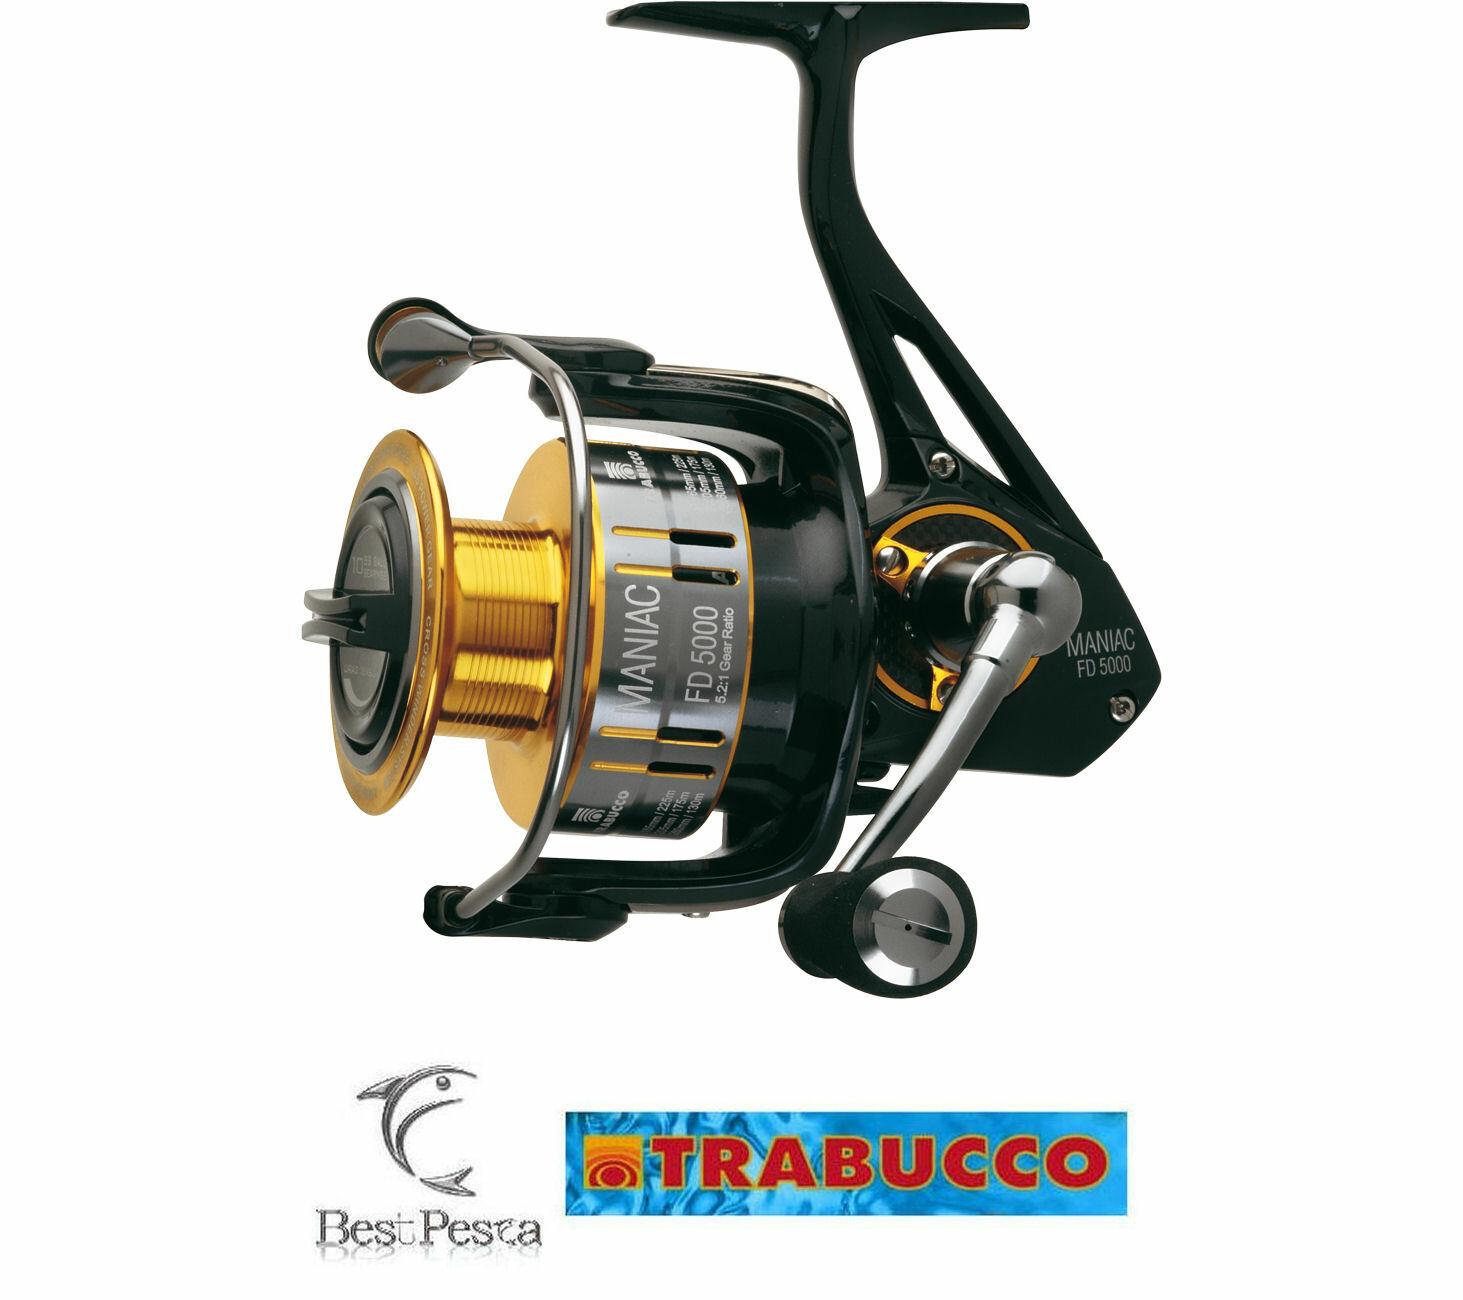 Mulinello TRABUCCO MANIAC FD 5000 - codice 034-11-500